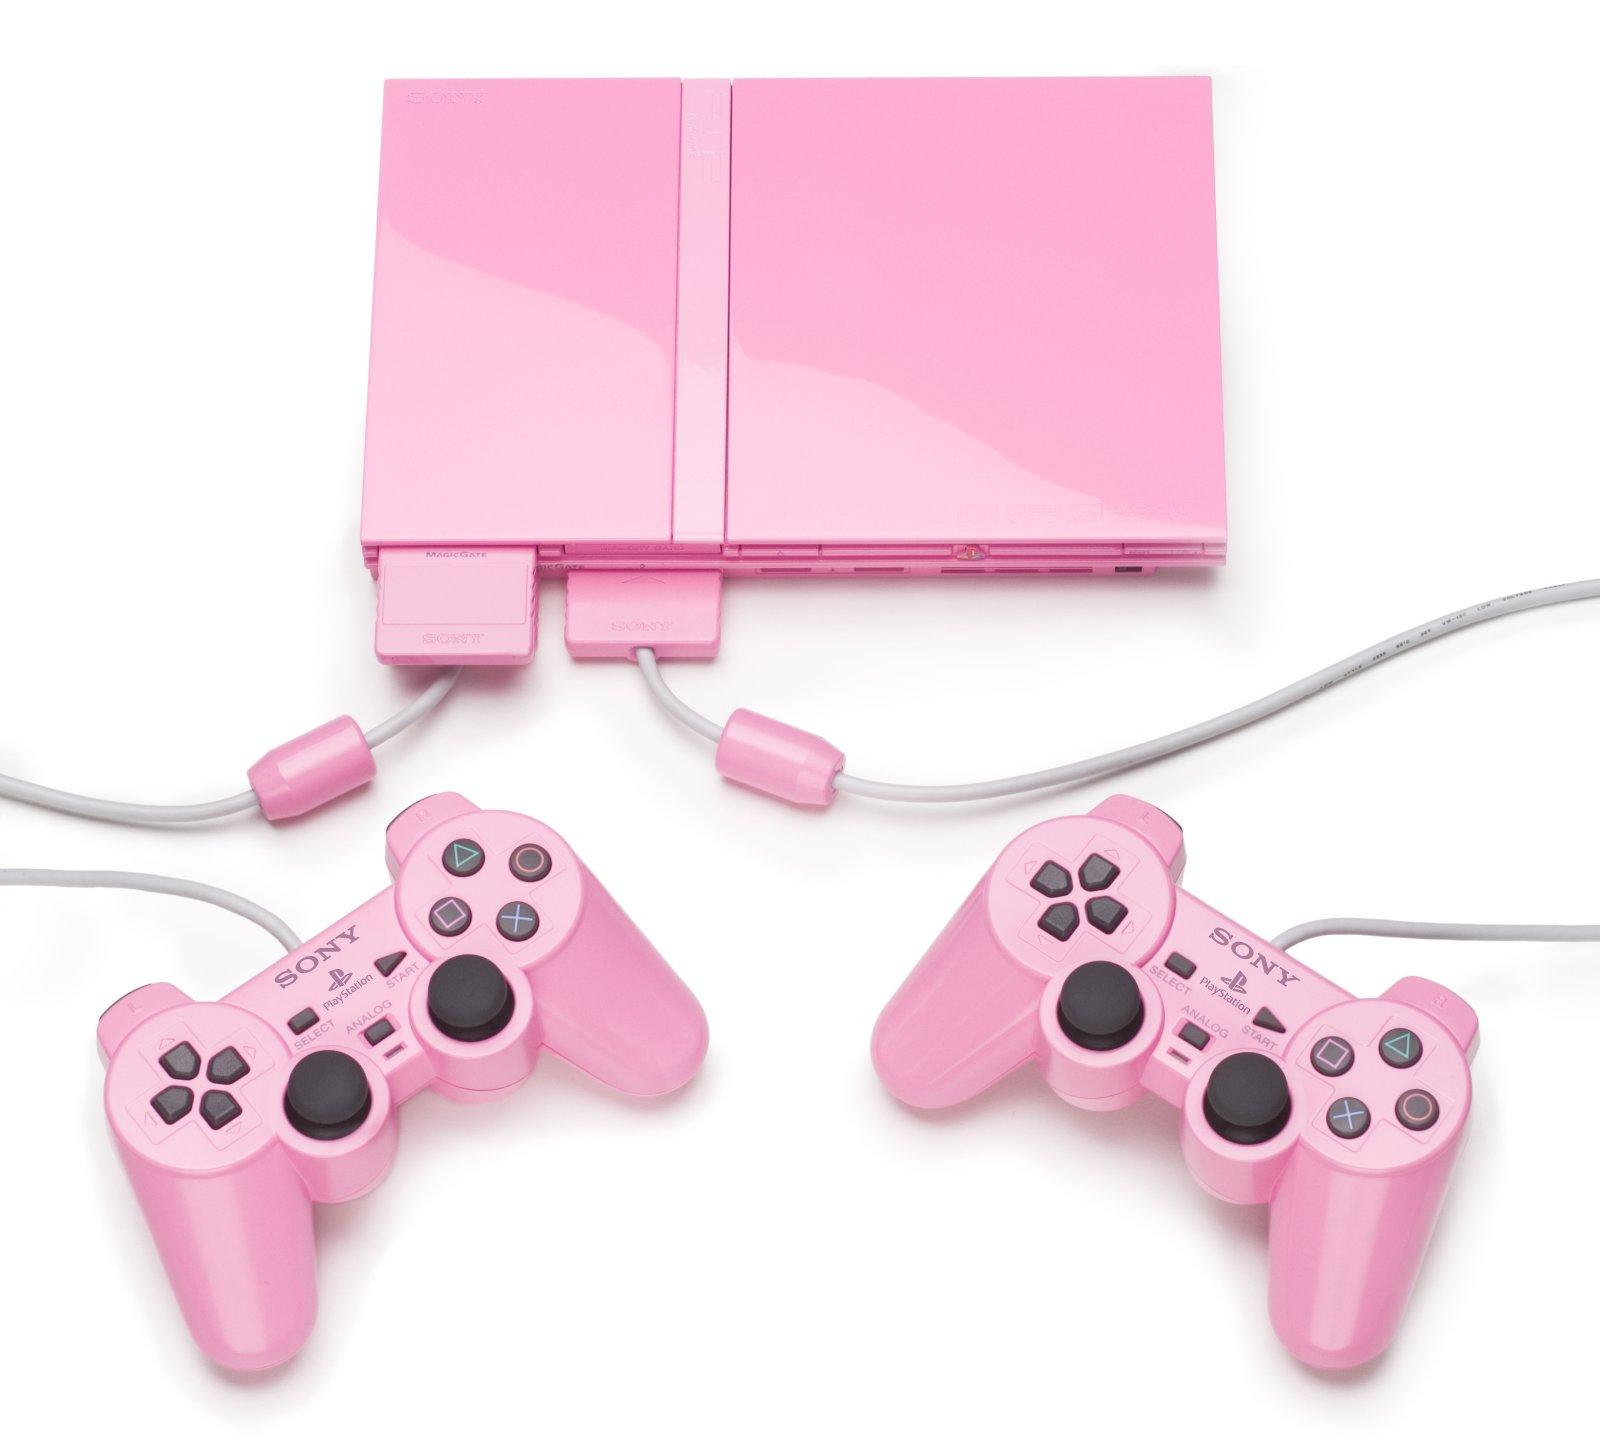 Британский подросток, купивший на интернет-аукционе eBay PlayStation 2